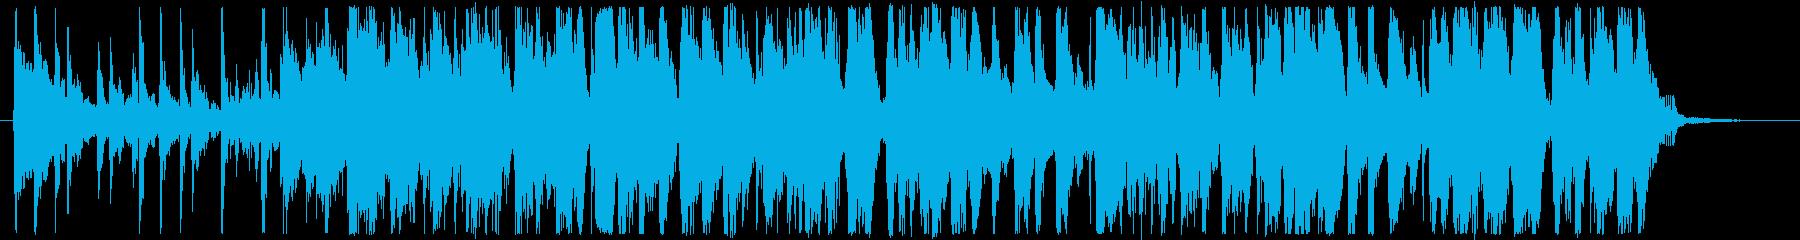 ジングル - テーマパーク・遊園地の再生済みの波形